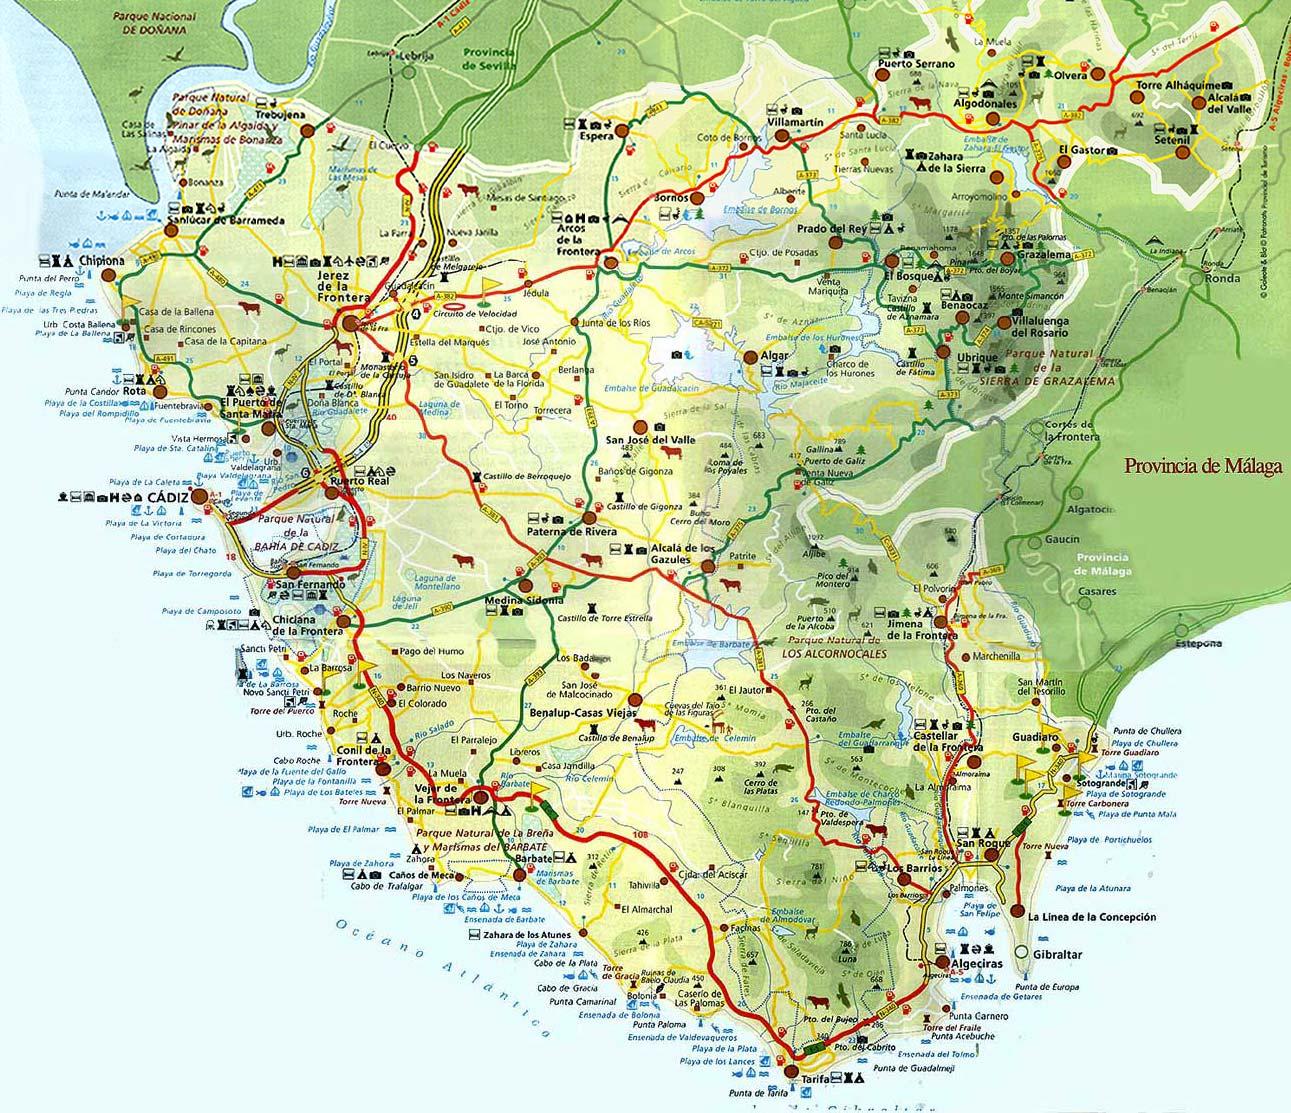 Province of Cádiz road map